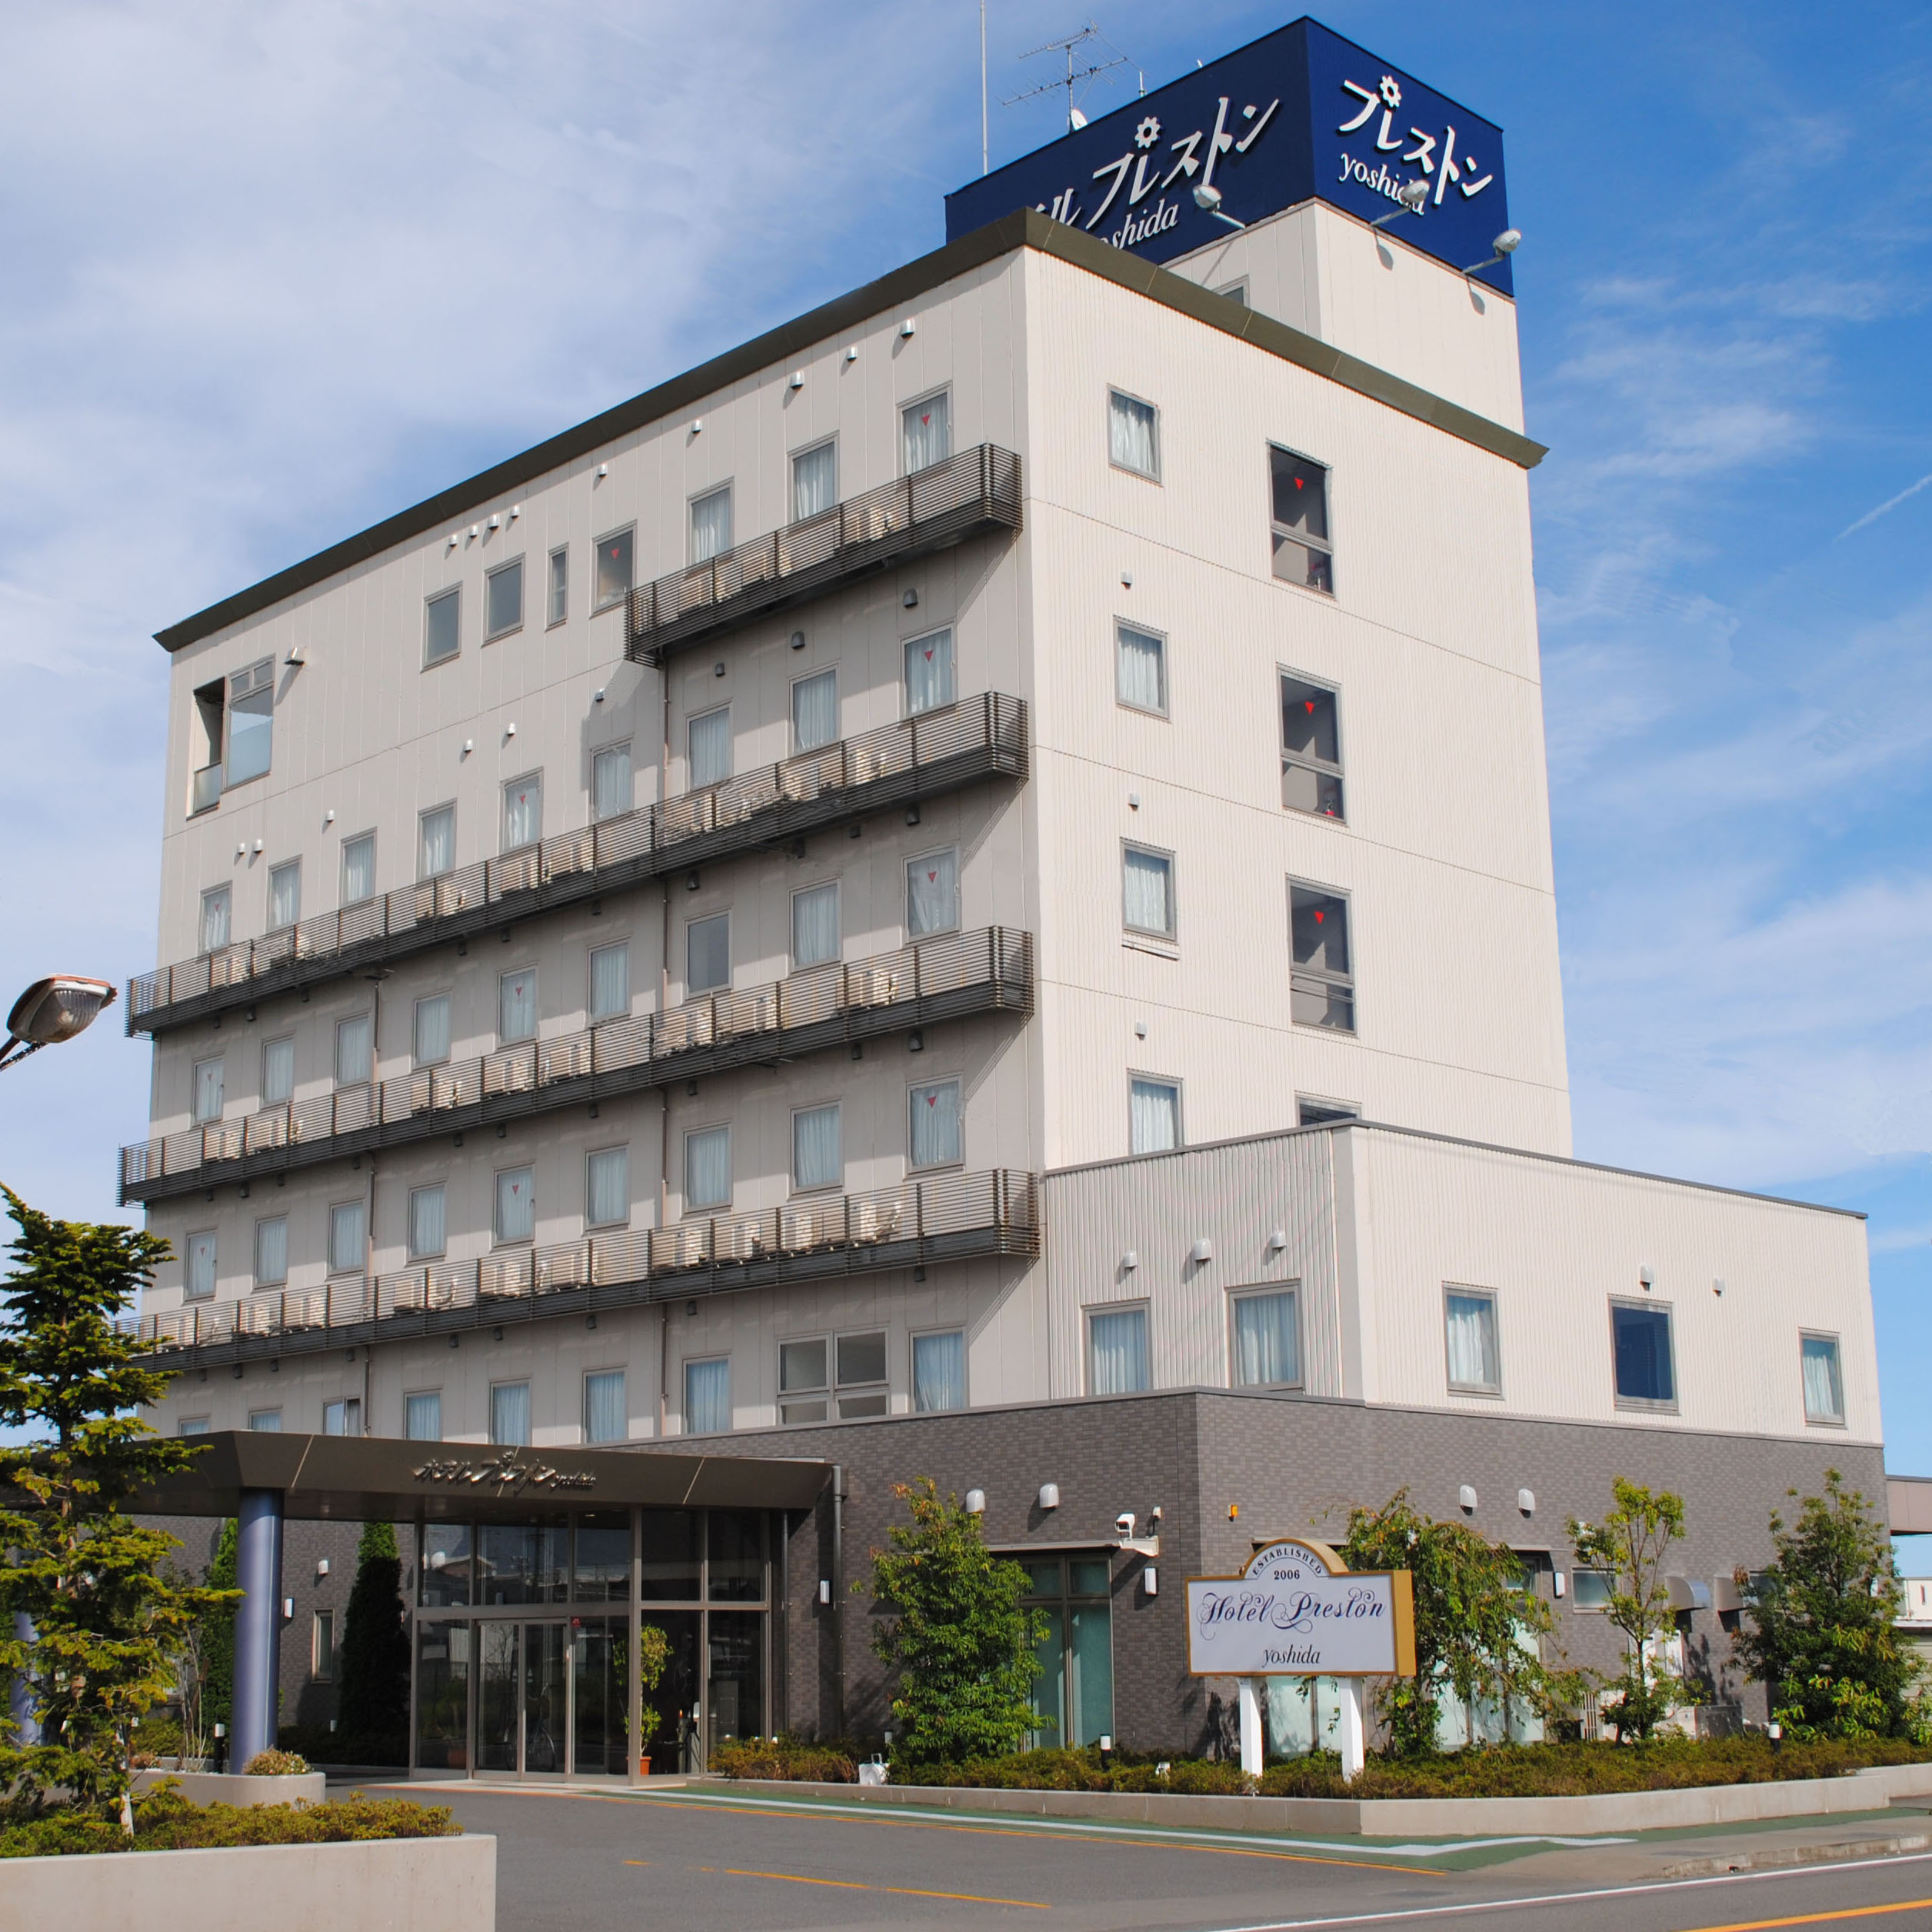 ホテルプレストン吉田